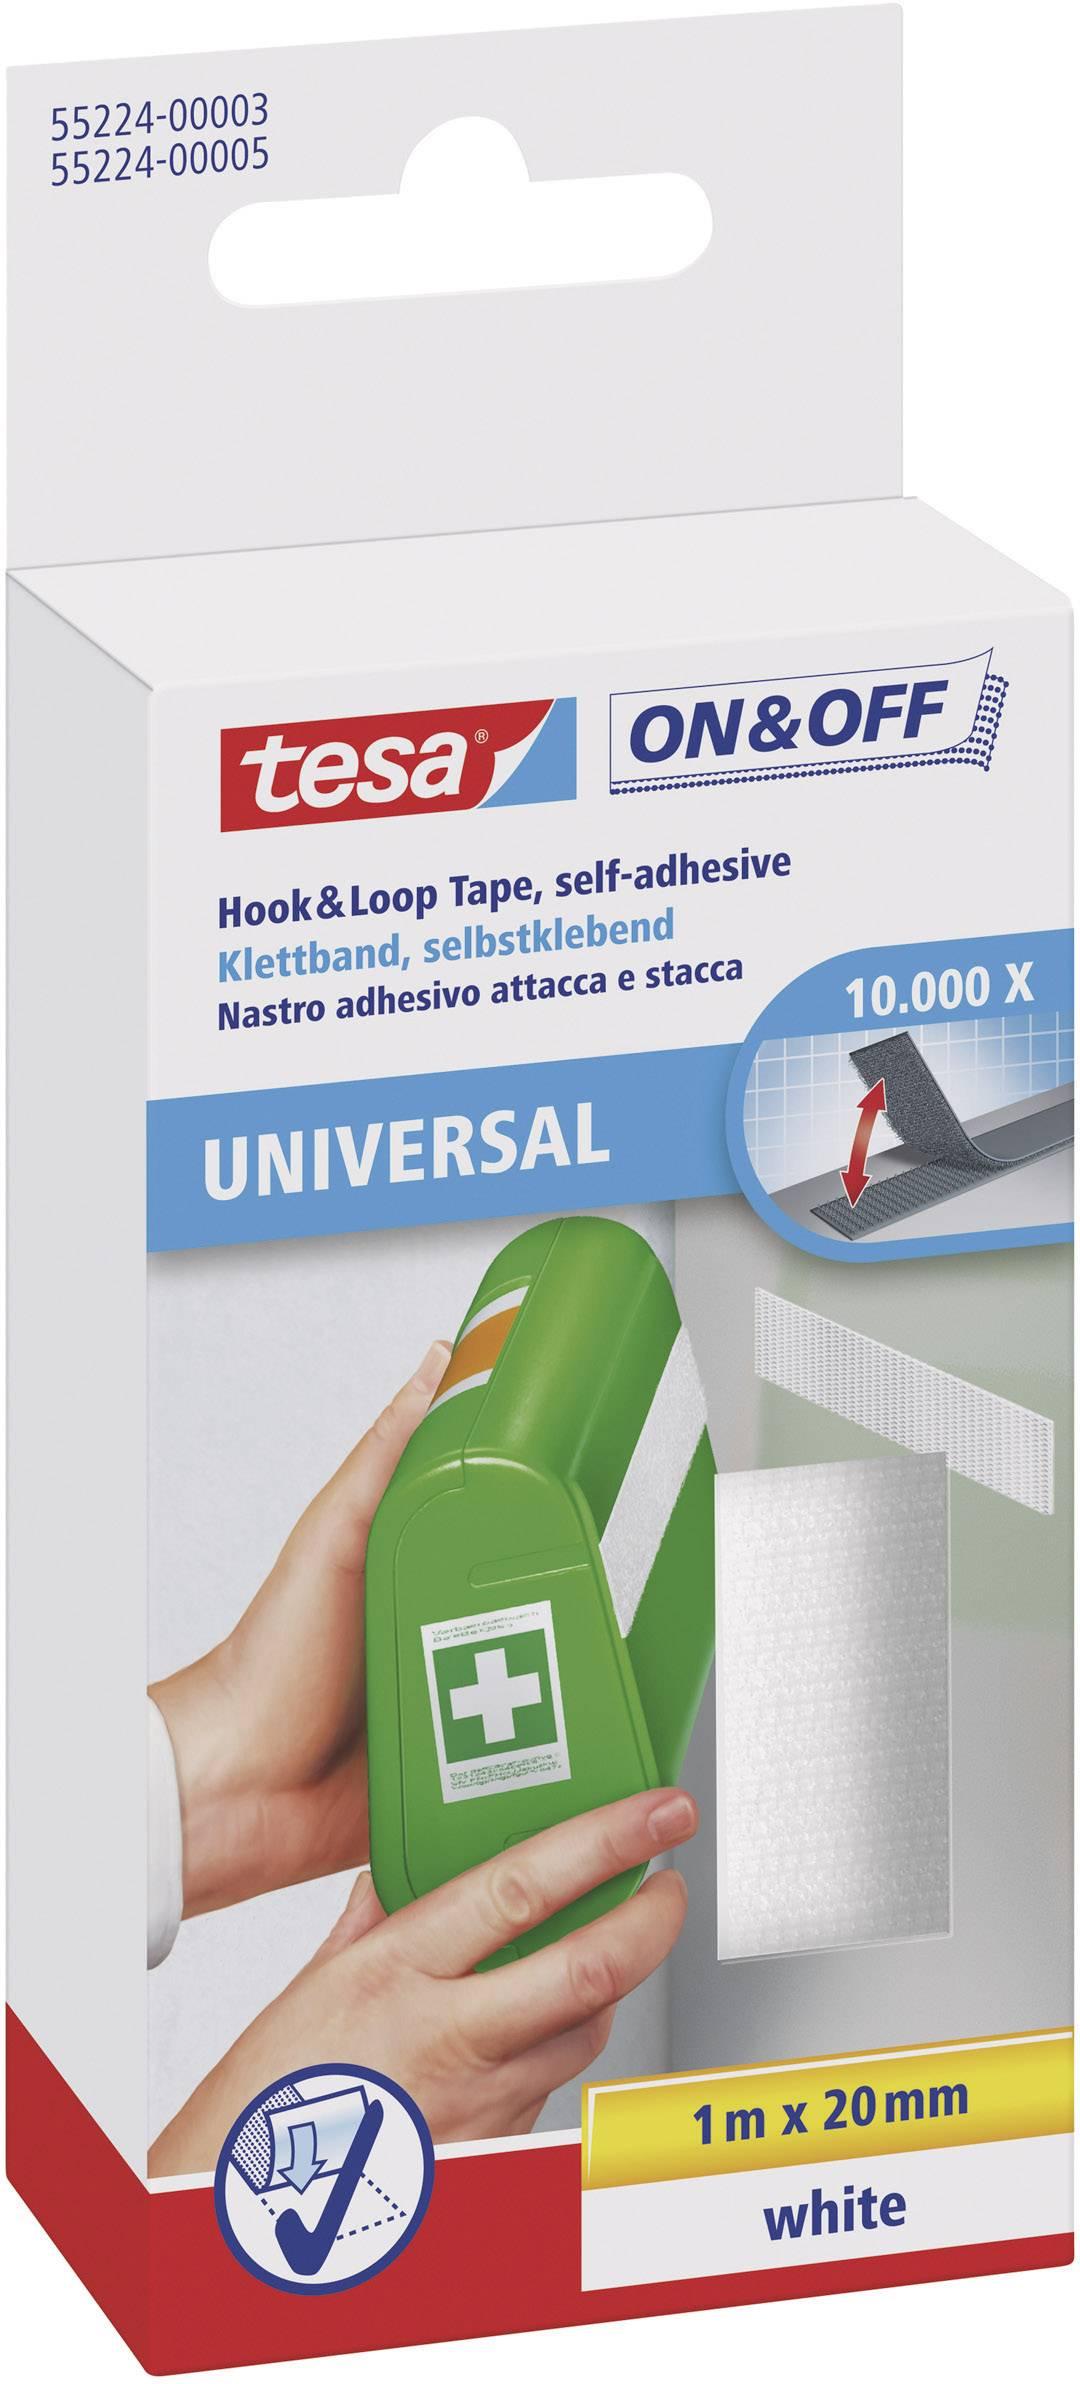 Suchý zip pro nalepení Tesa On&Off, 2 cm x 1 m, bílá